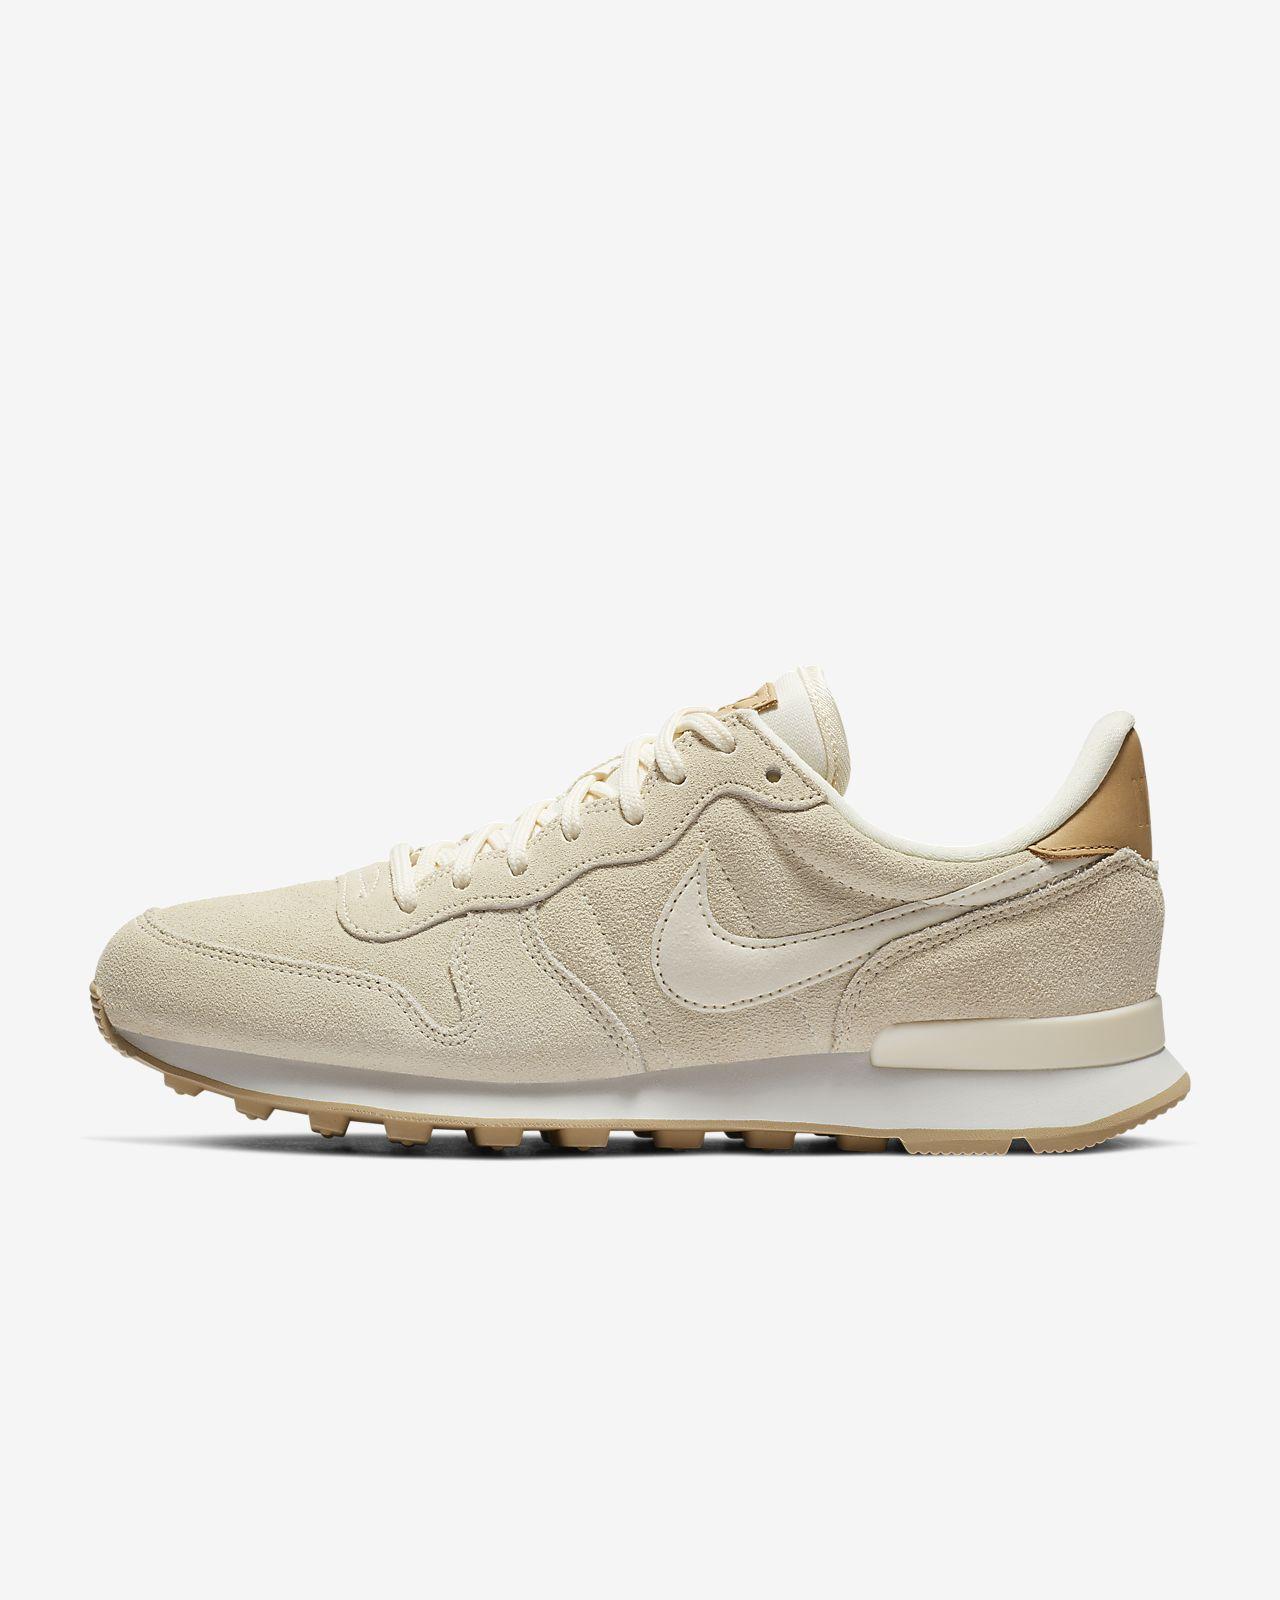 Cz Nike Dámská Bota Internationalist Premium 8wR5xZn0q